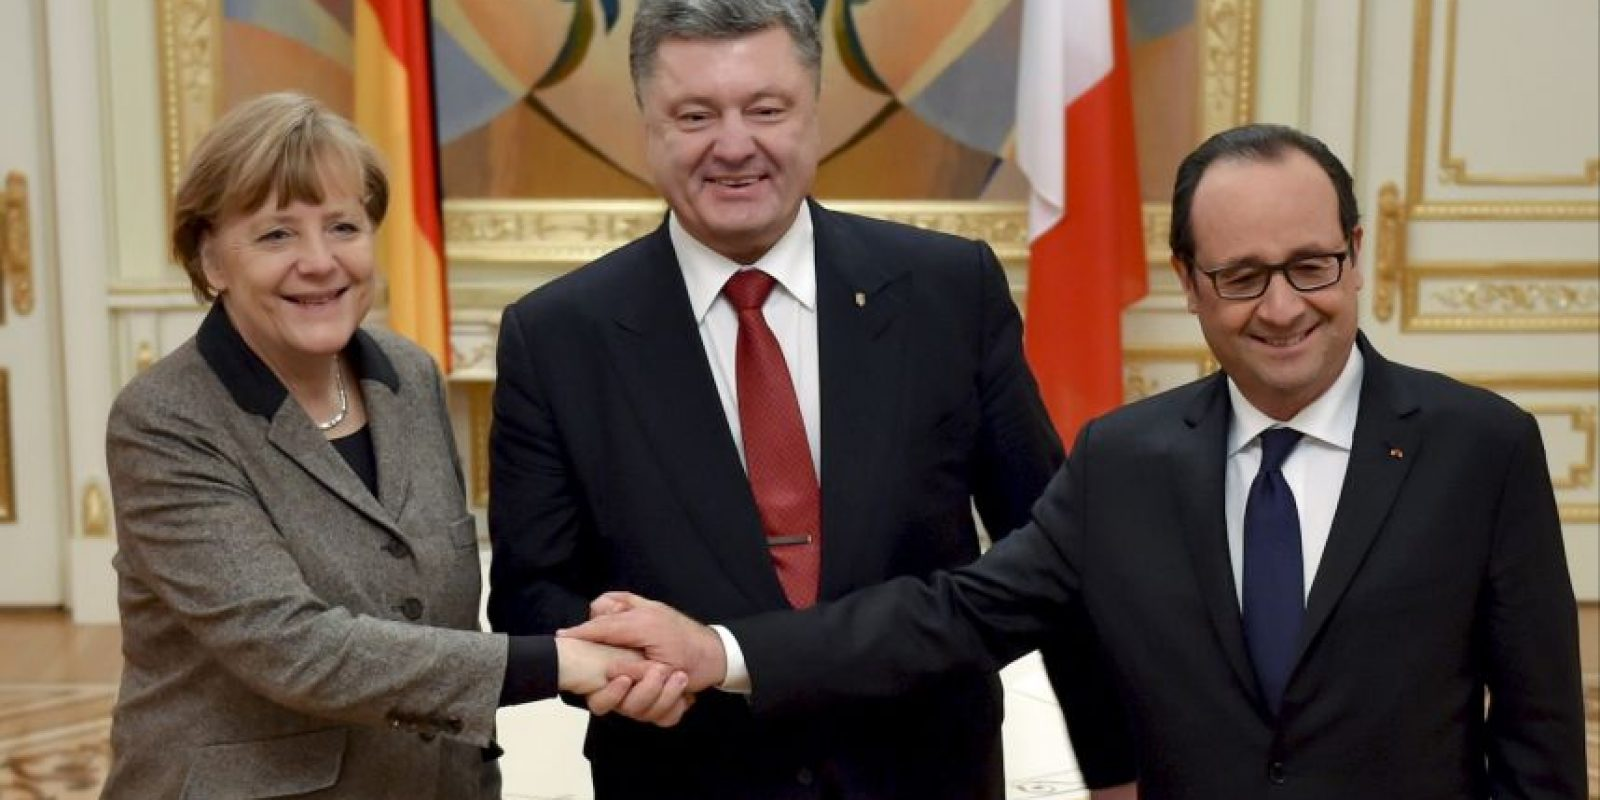 La canciller alemana, Angela Merkel junto al Presidente de Ucrania, Petro Poroshenko y el mandatrio francés, François Hollande. Foto:AP